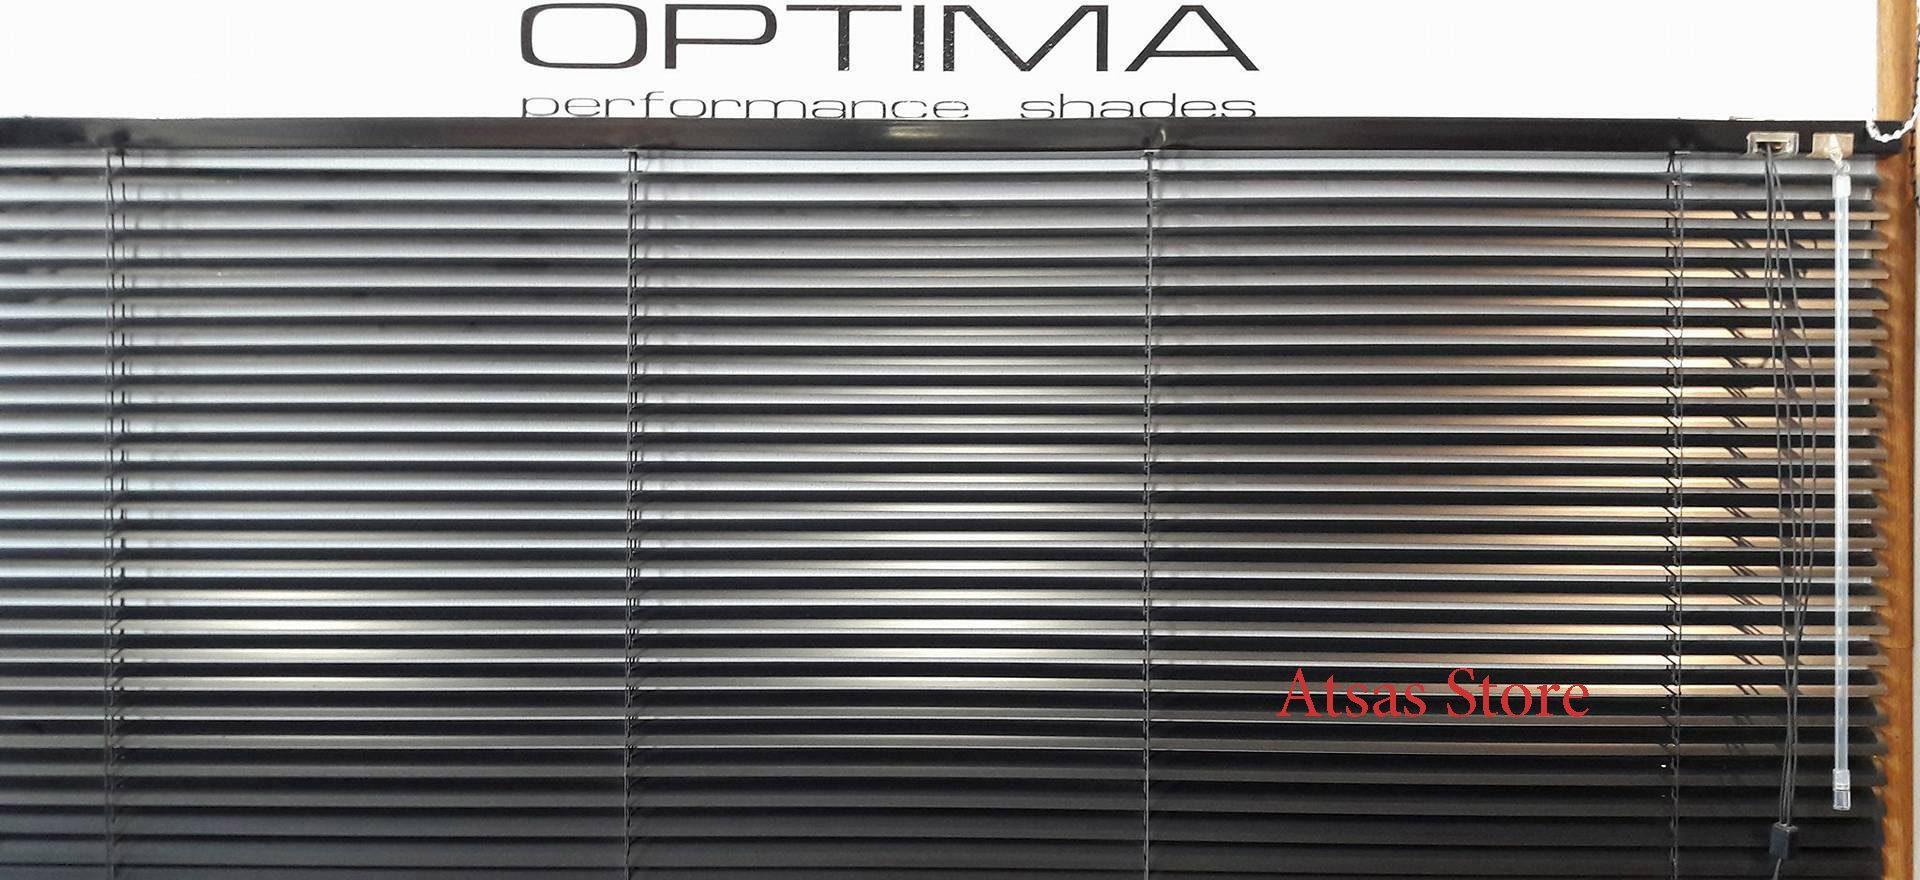 Περσίδες Οριζόντιες Αλουμινίου 25 mm